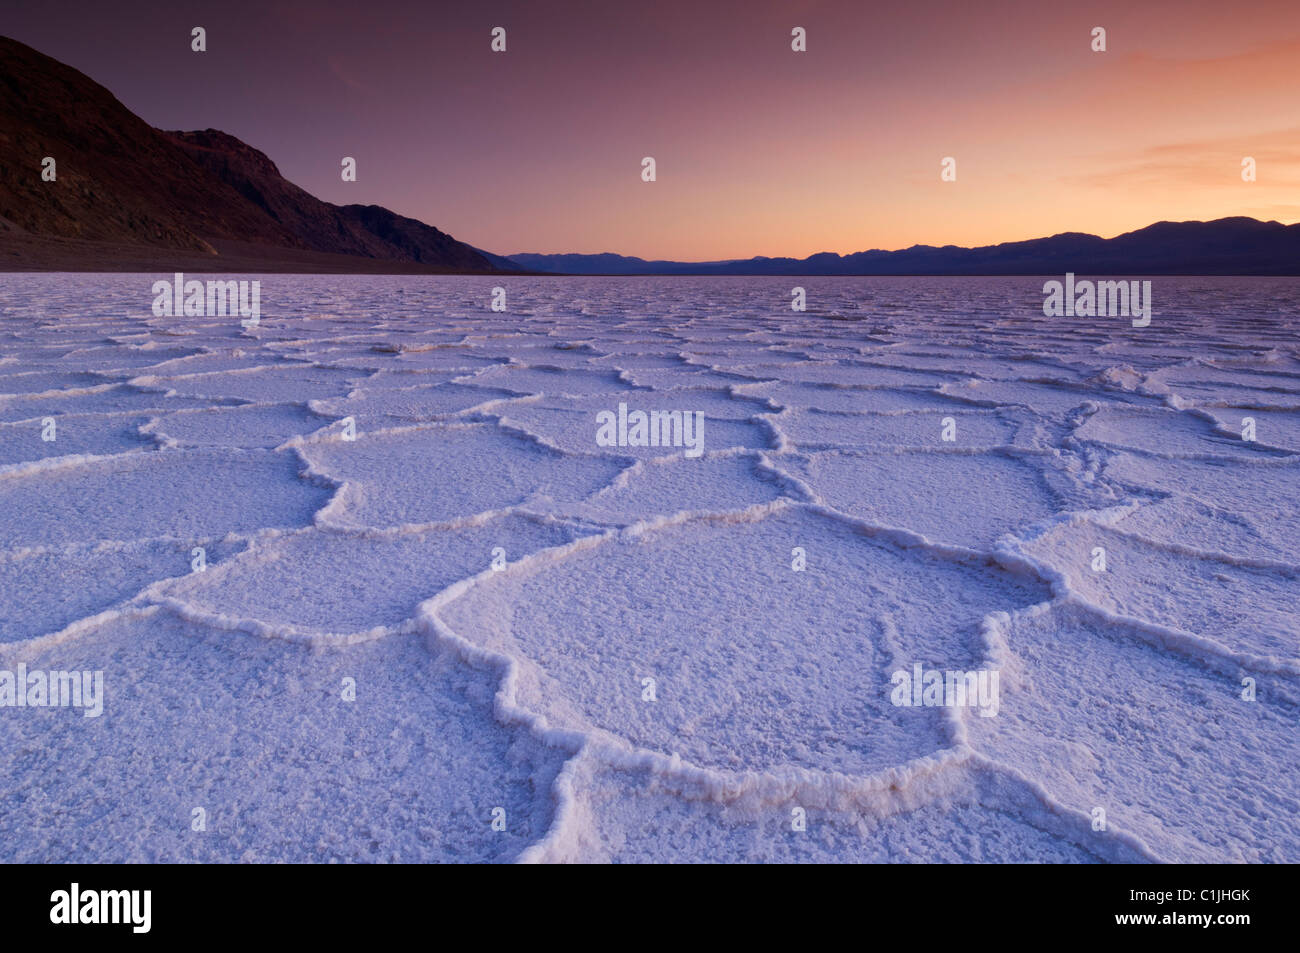 Salzpfanne Polygone bei Sonnenuntergang badwater Basin Death Valley National Park, Kalifornien, USA Stockbild